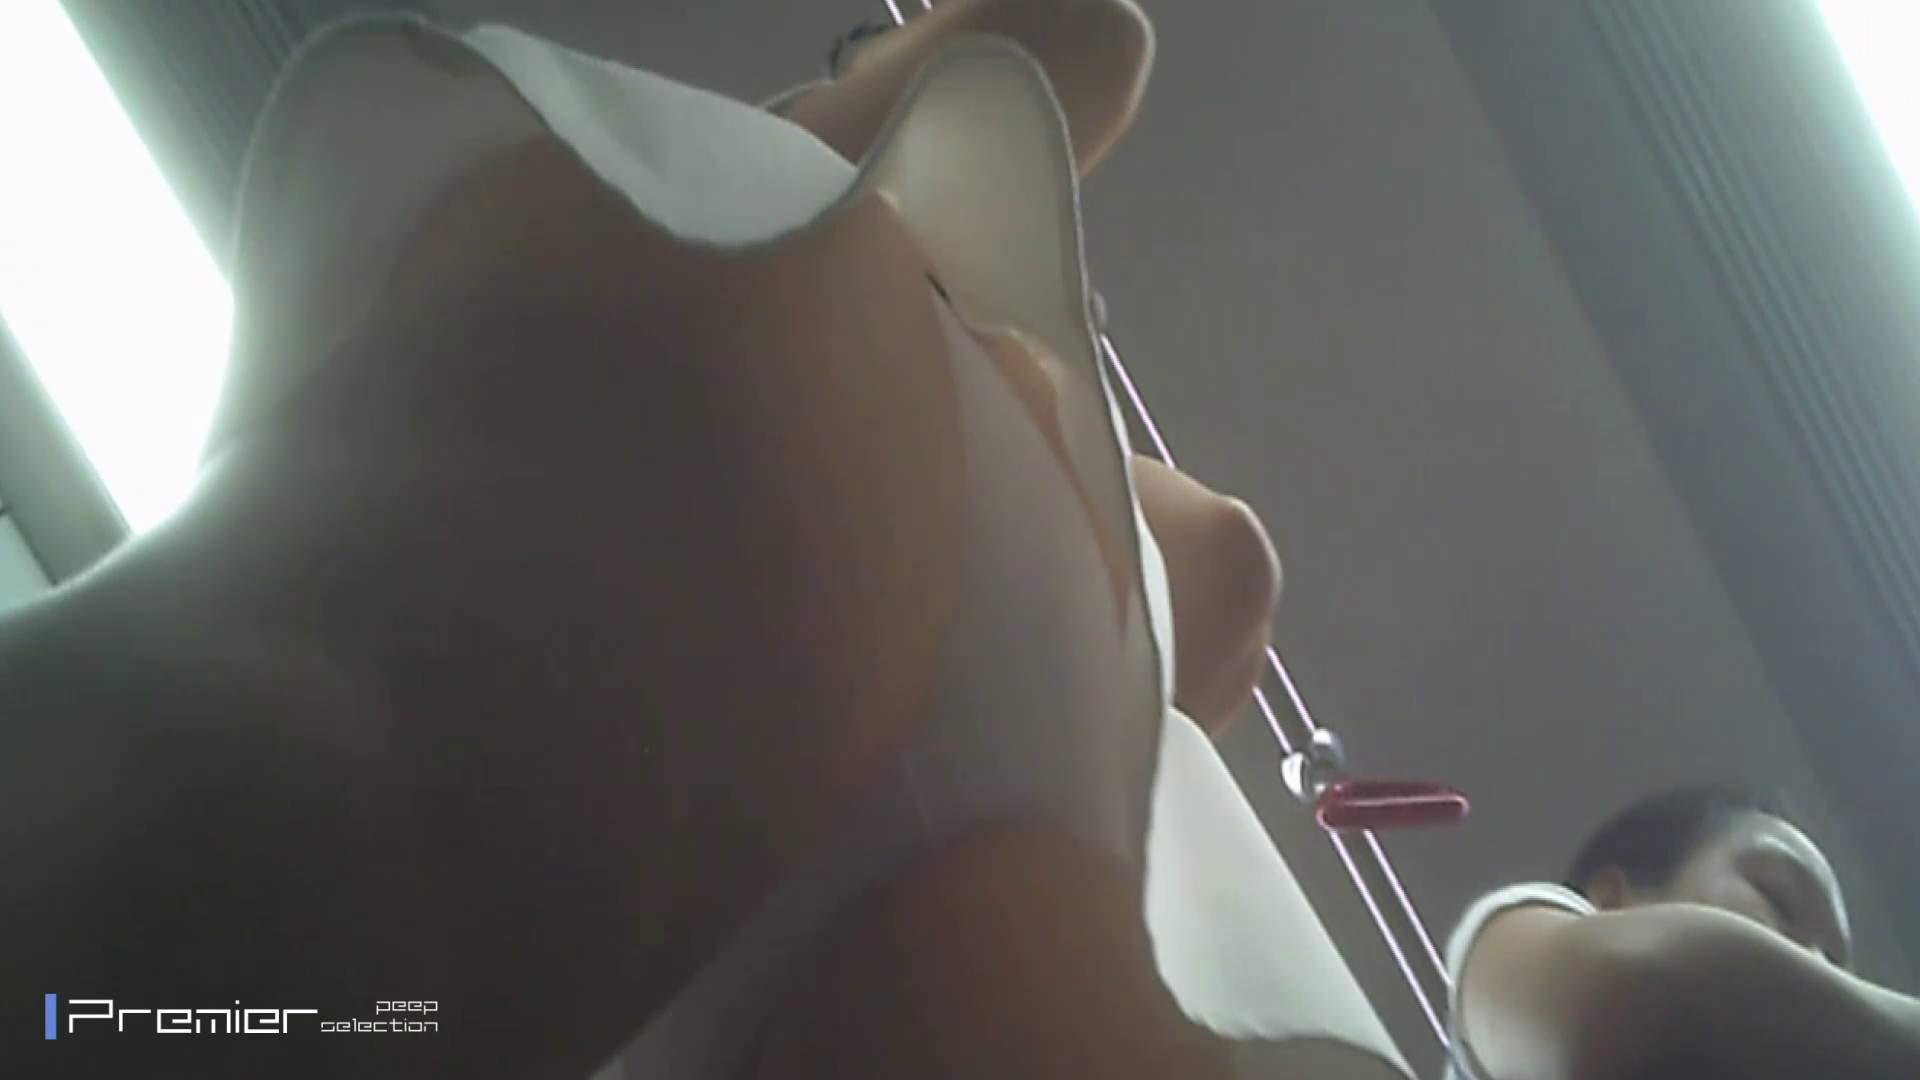 美女の痴態に密着!パンチラ編 Vol.02 美女  56PIX 32